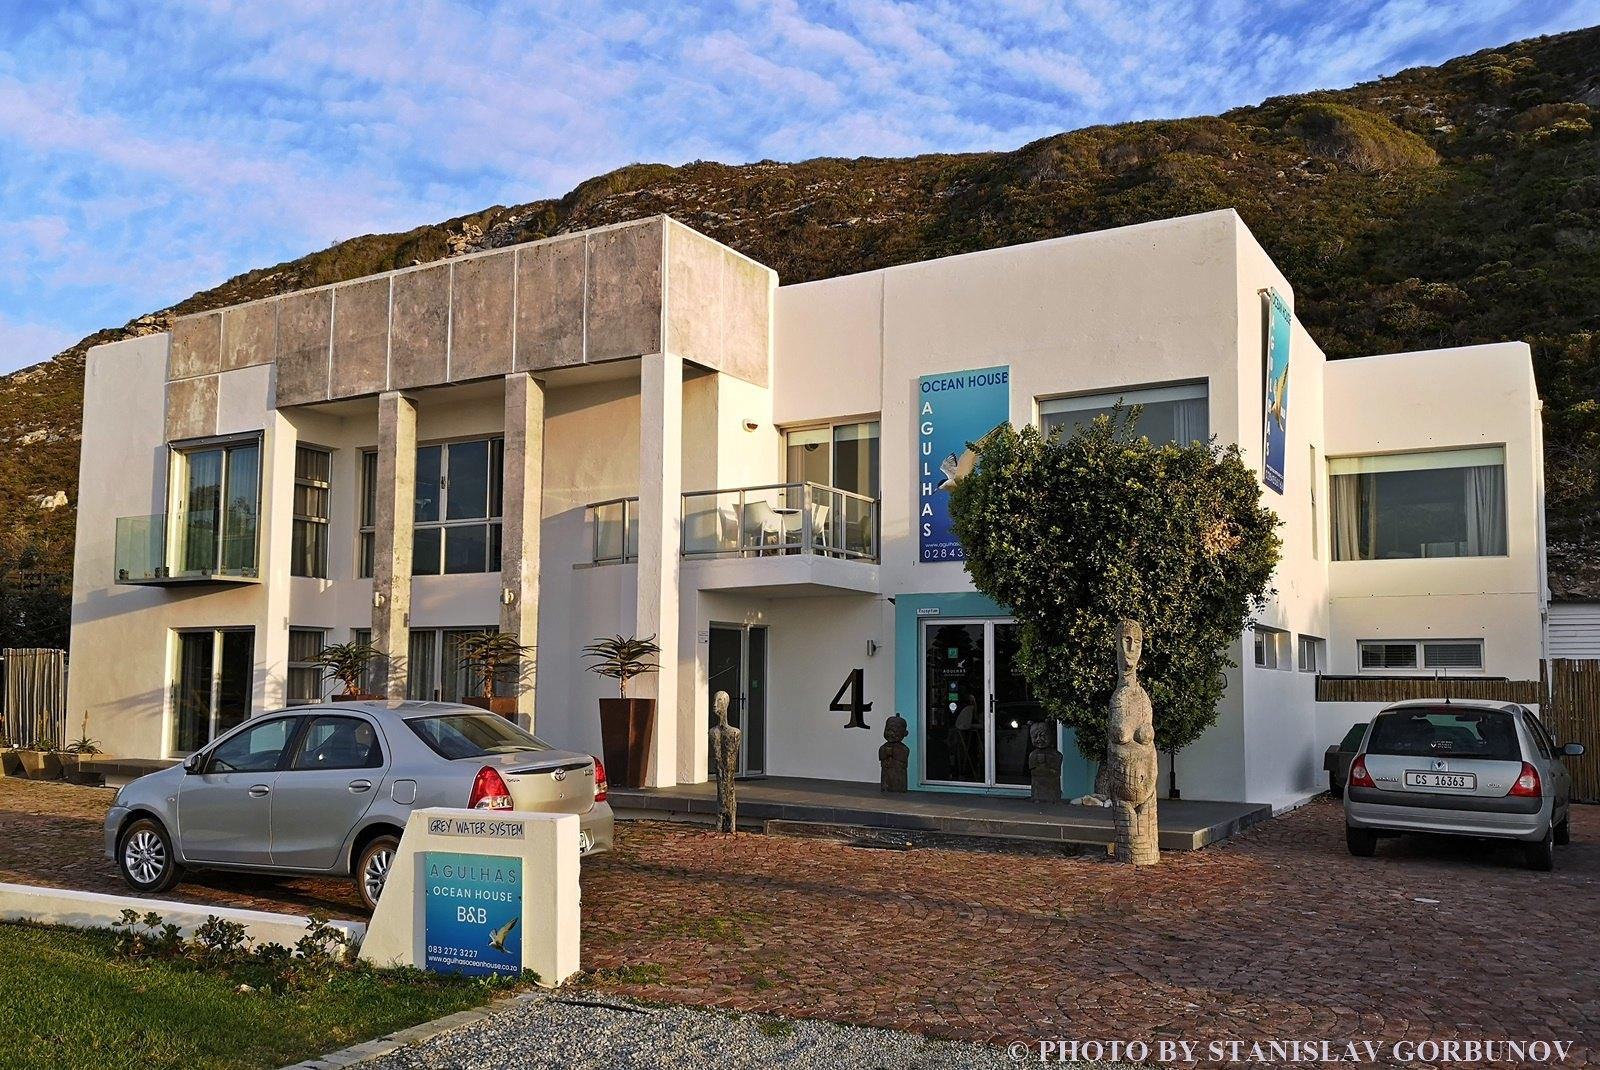 Великолепная девятка гостиниц ЮАР. Это стоит хотя бы один раз увидеть лично! oteli22